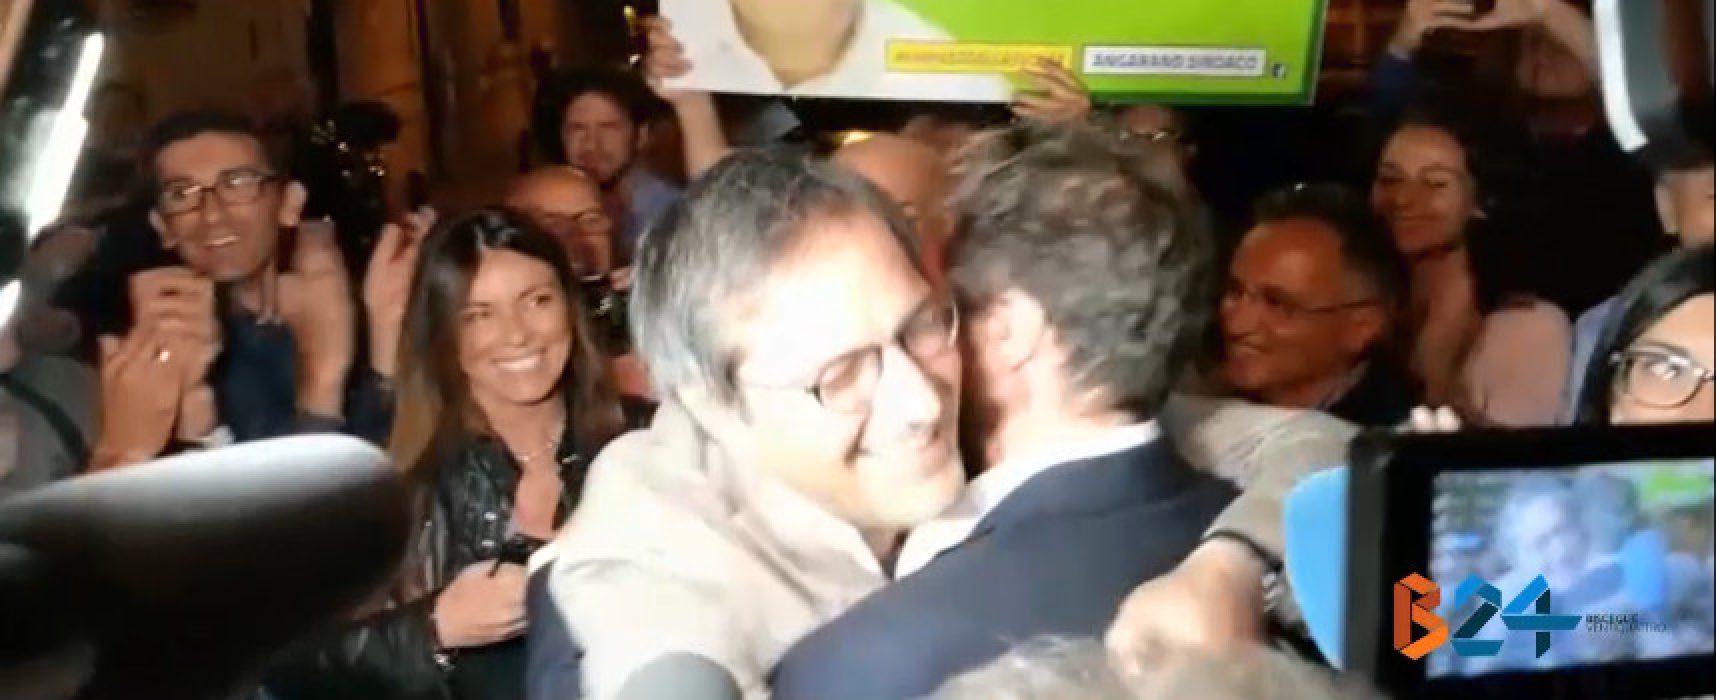 L'abbraccio fra Casella ed Angarano e le dichiarazioni a caldo dei due / VIDEO